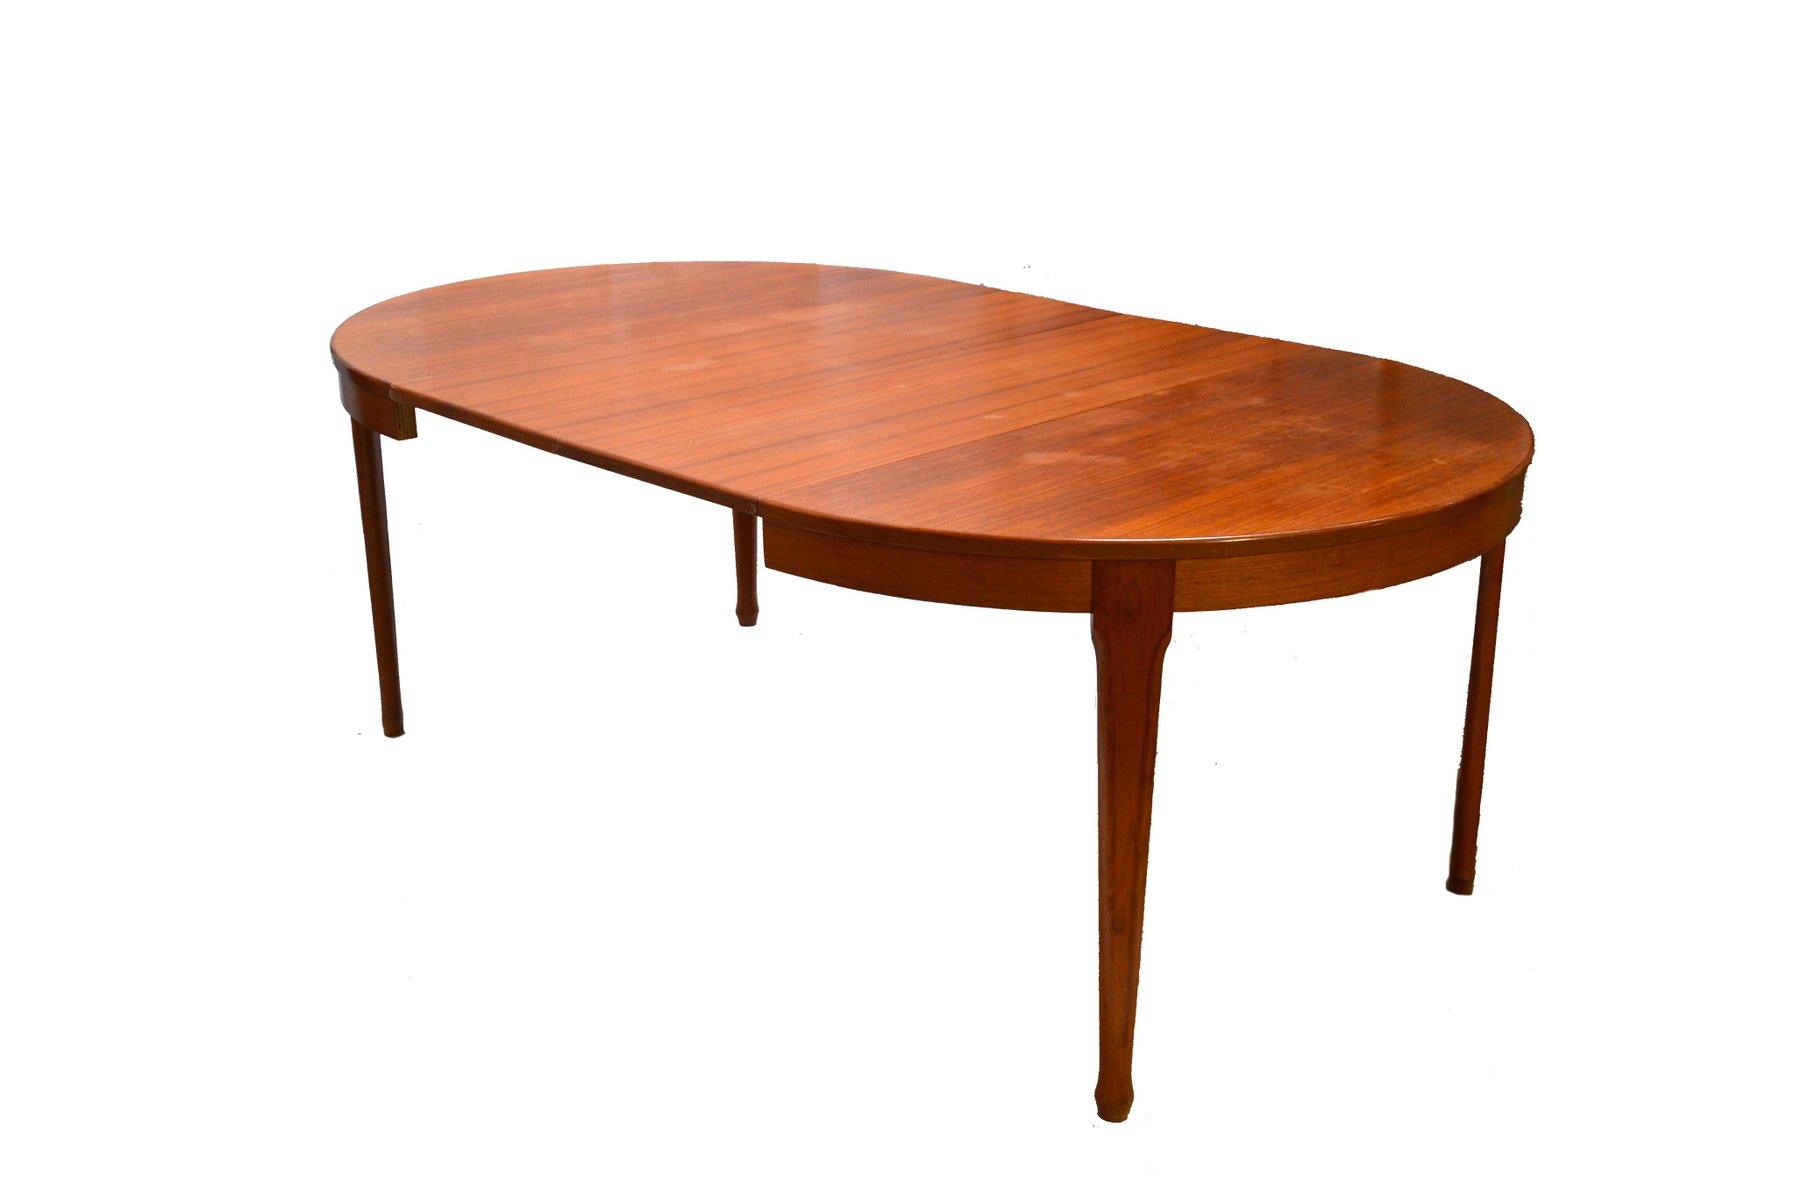 ausziehbarer runder vintage esstisch von meubles tv bei